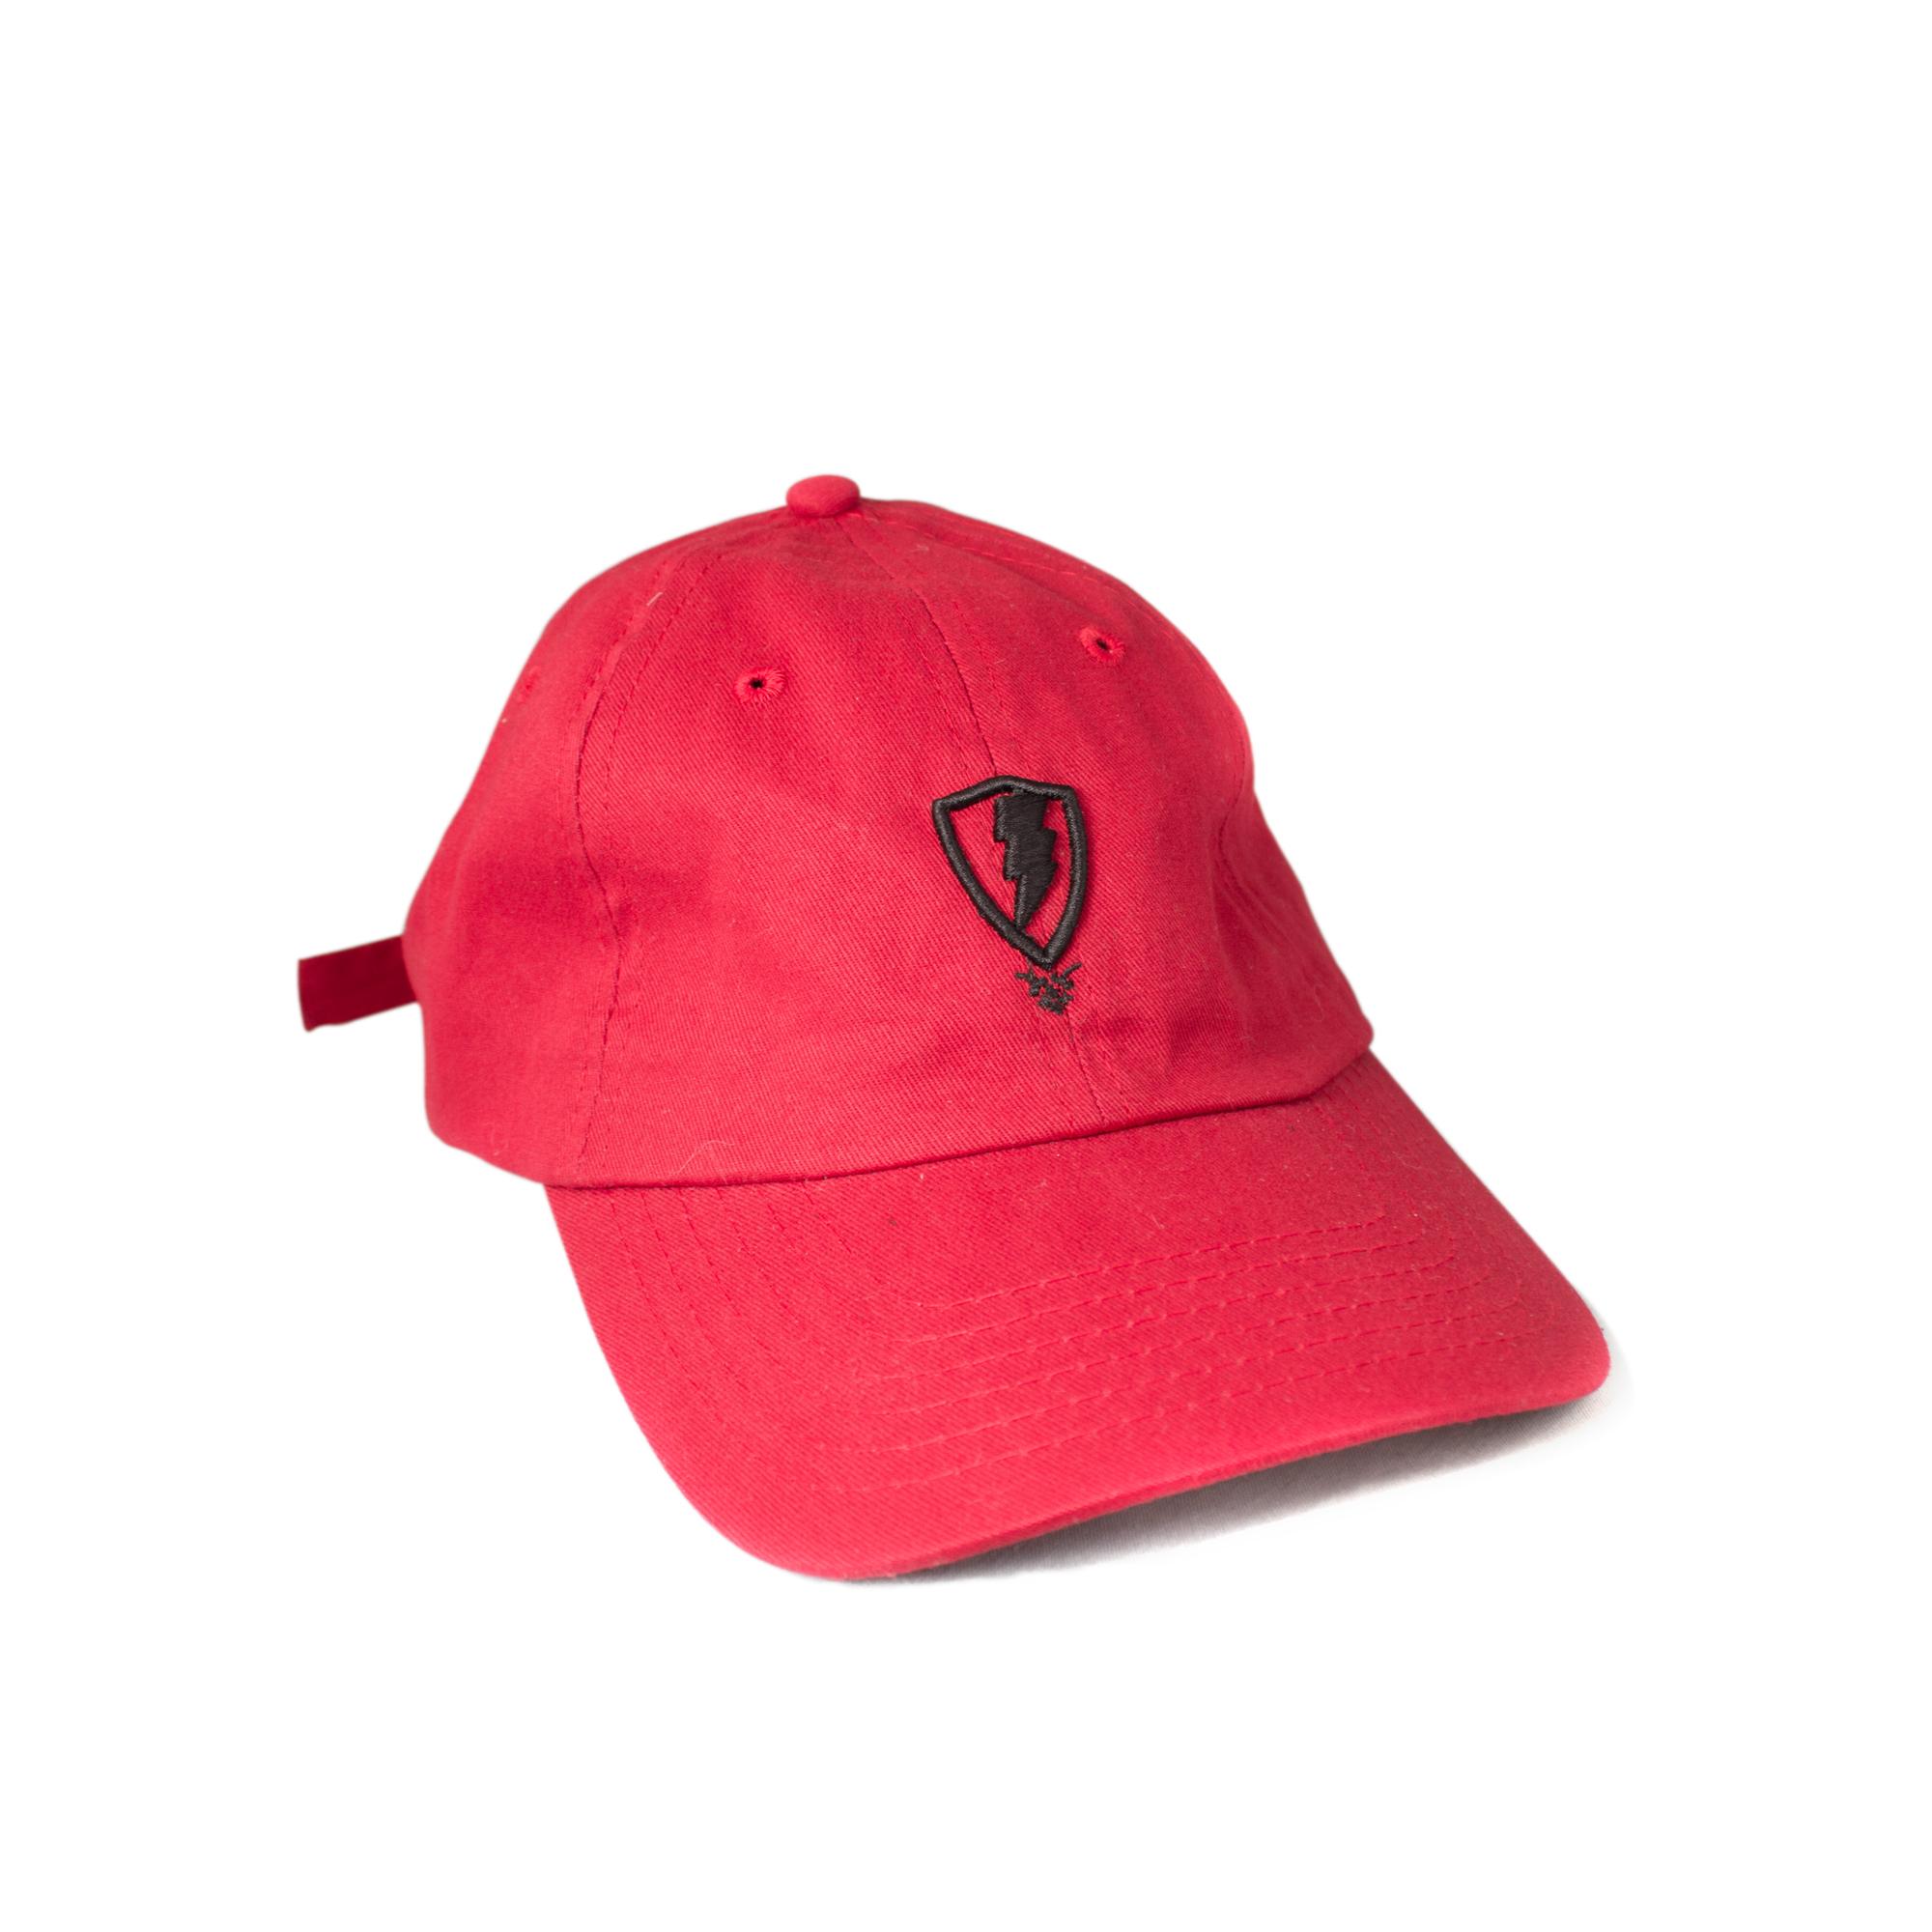 redblackfront